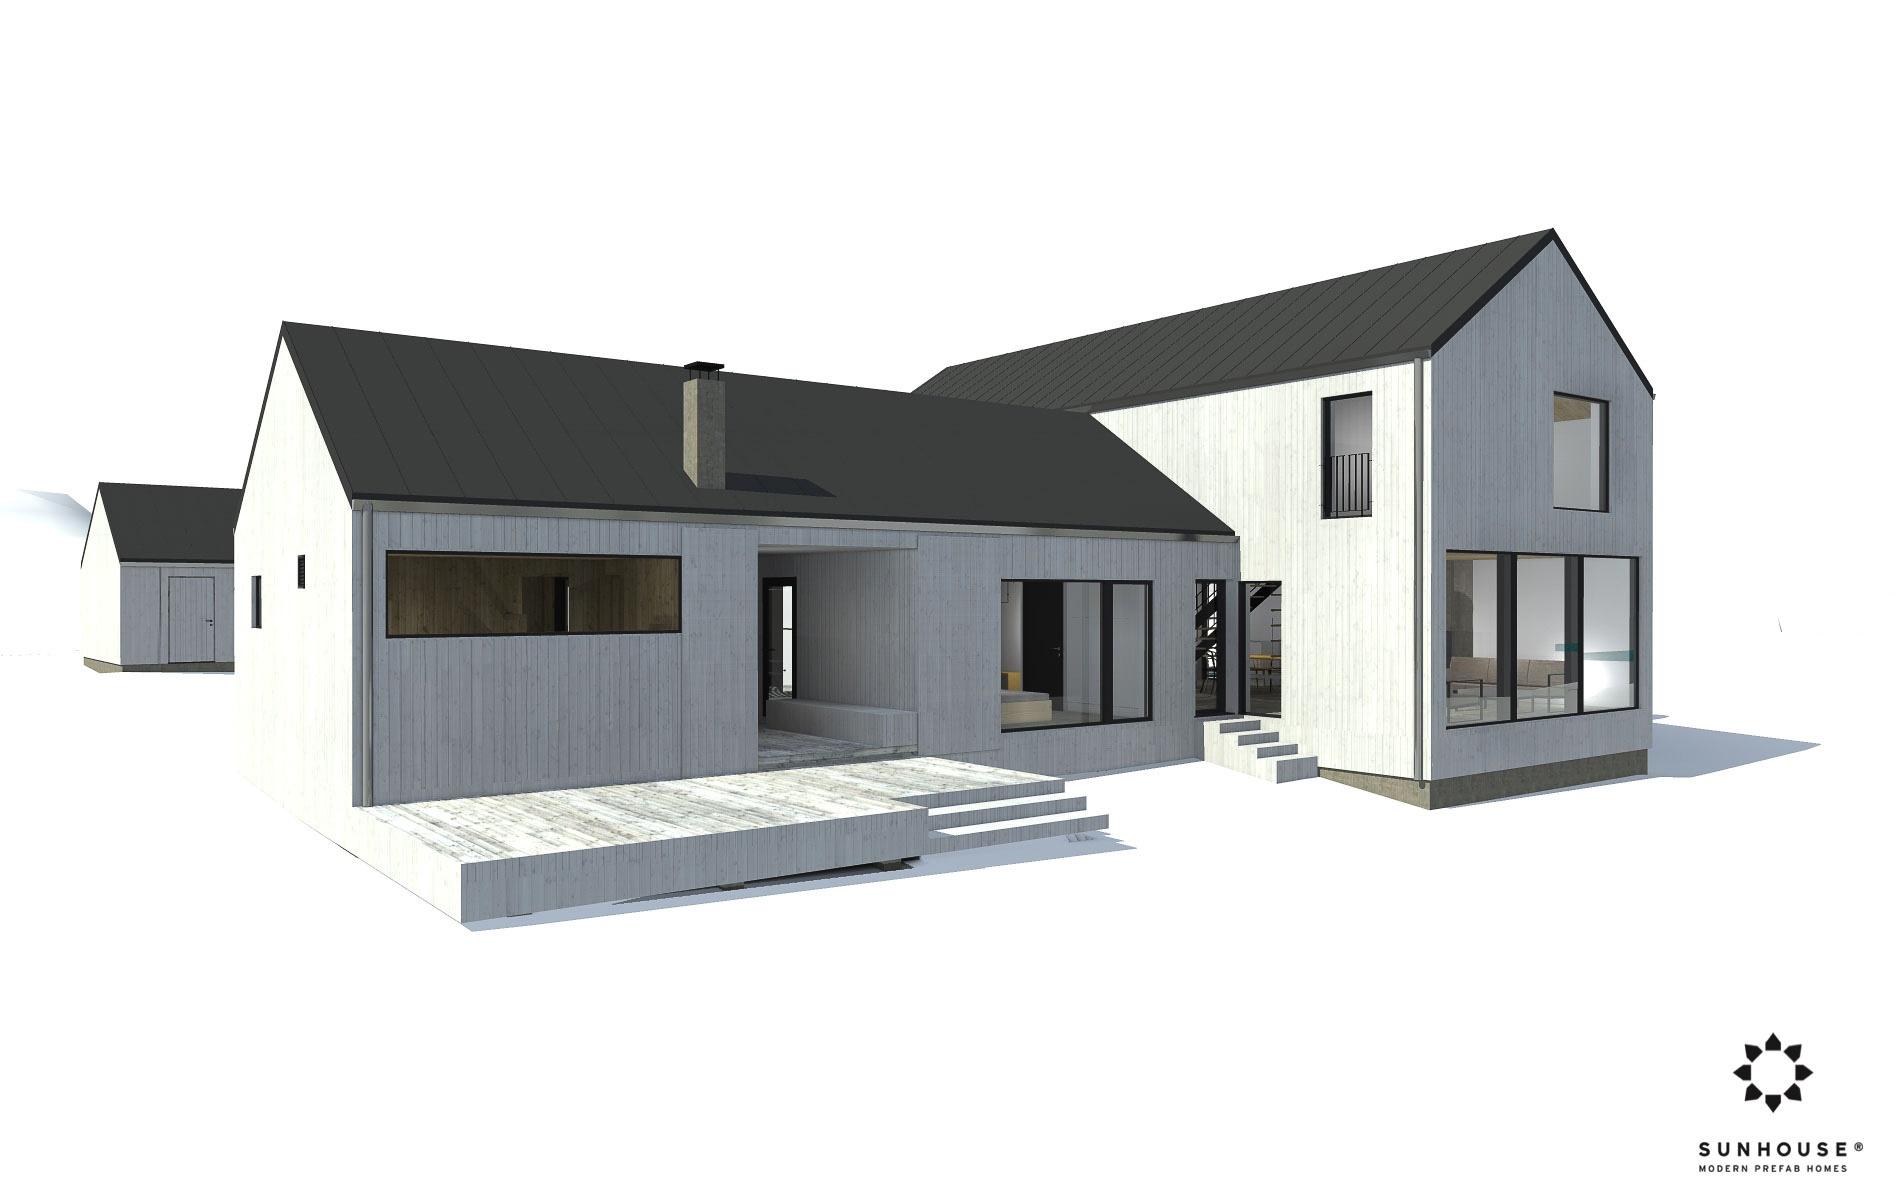 Arkkitehdin suunniettelema koti S1706 (2).jpg